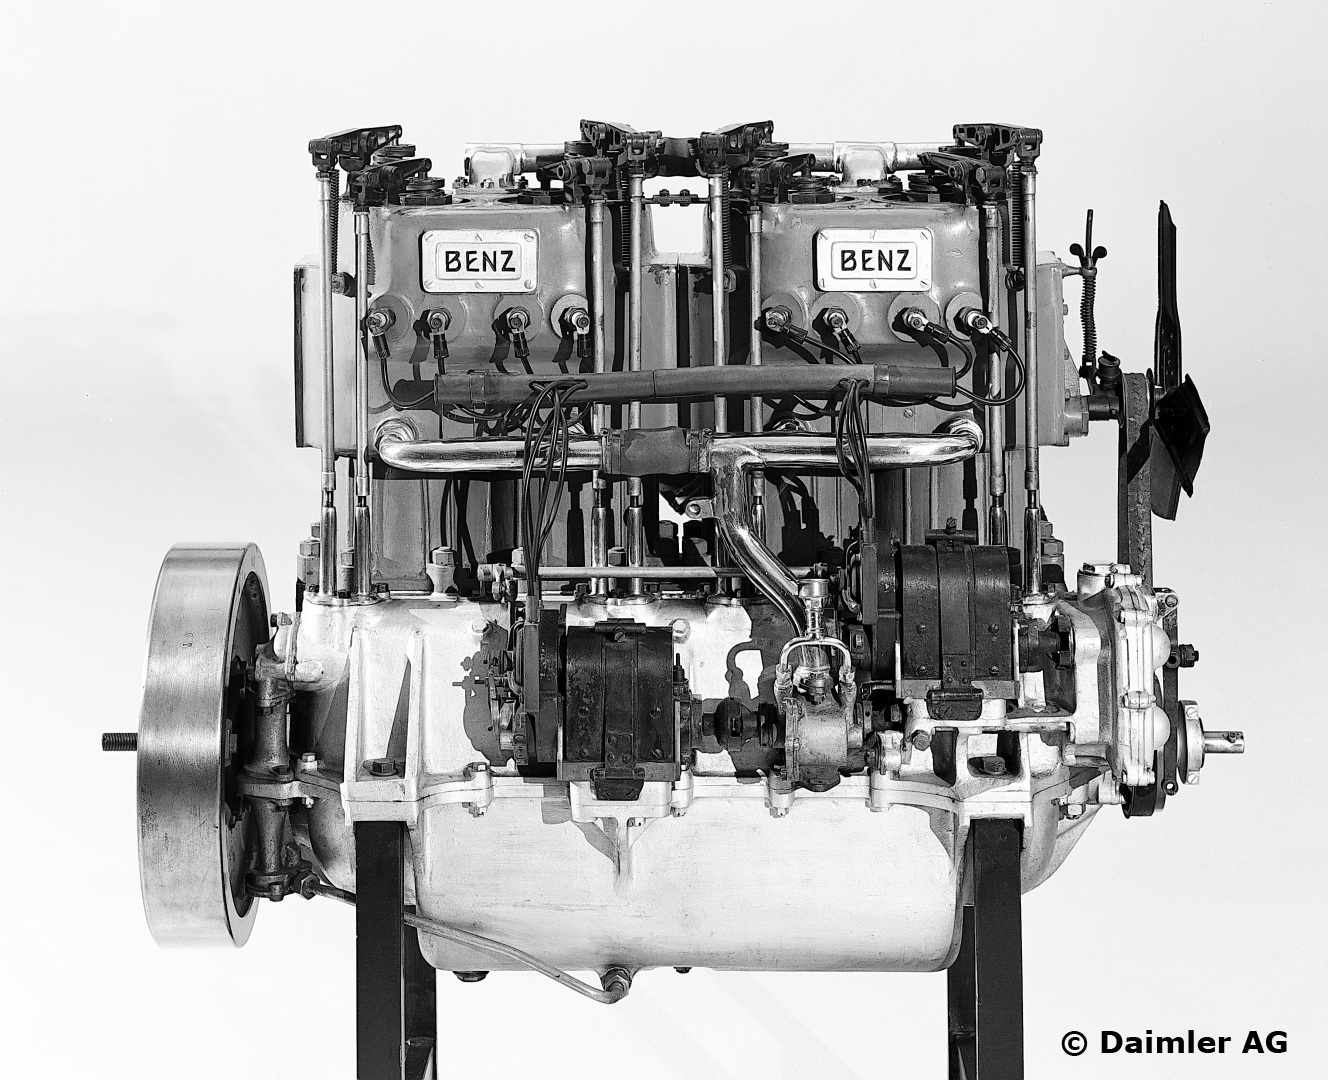 Benz-Rennmotor von 1909. Der Motor wurde im legendären Blitzen-Benz eingesetzt und hatte eine Leistung von 200 PS